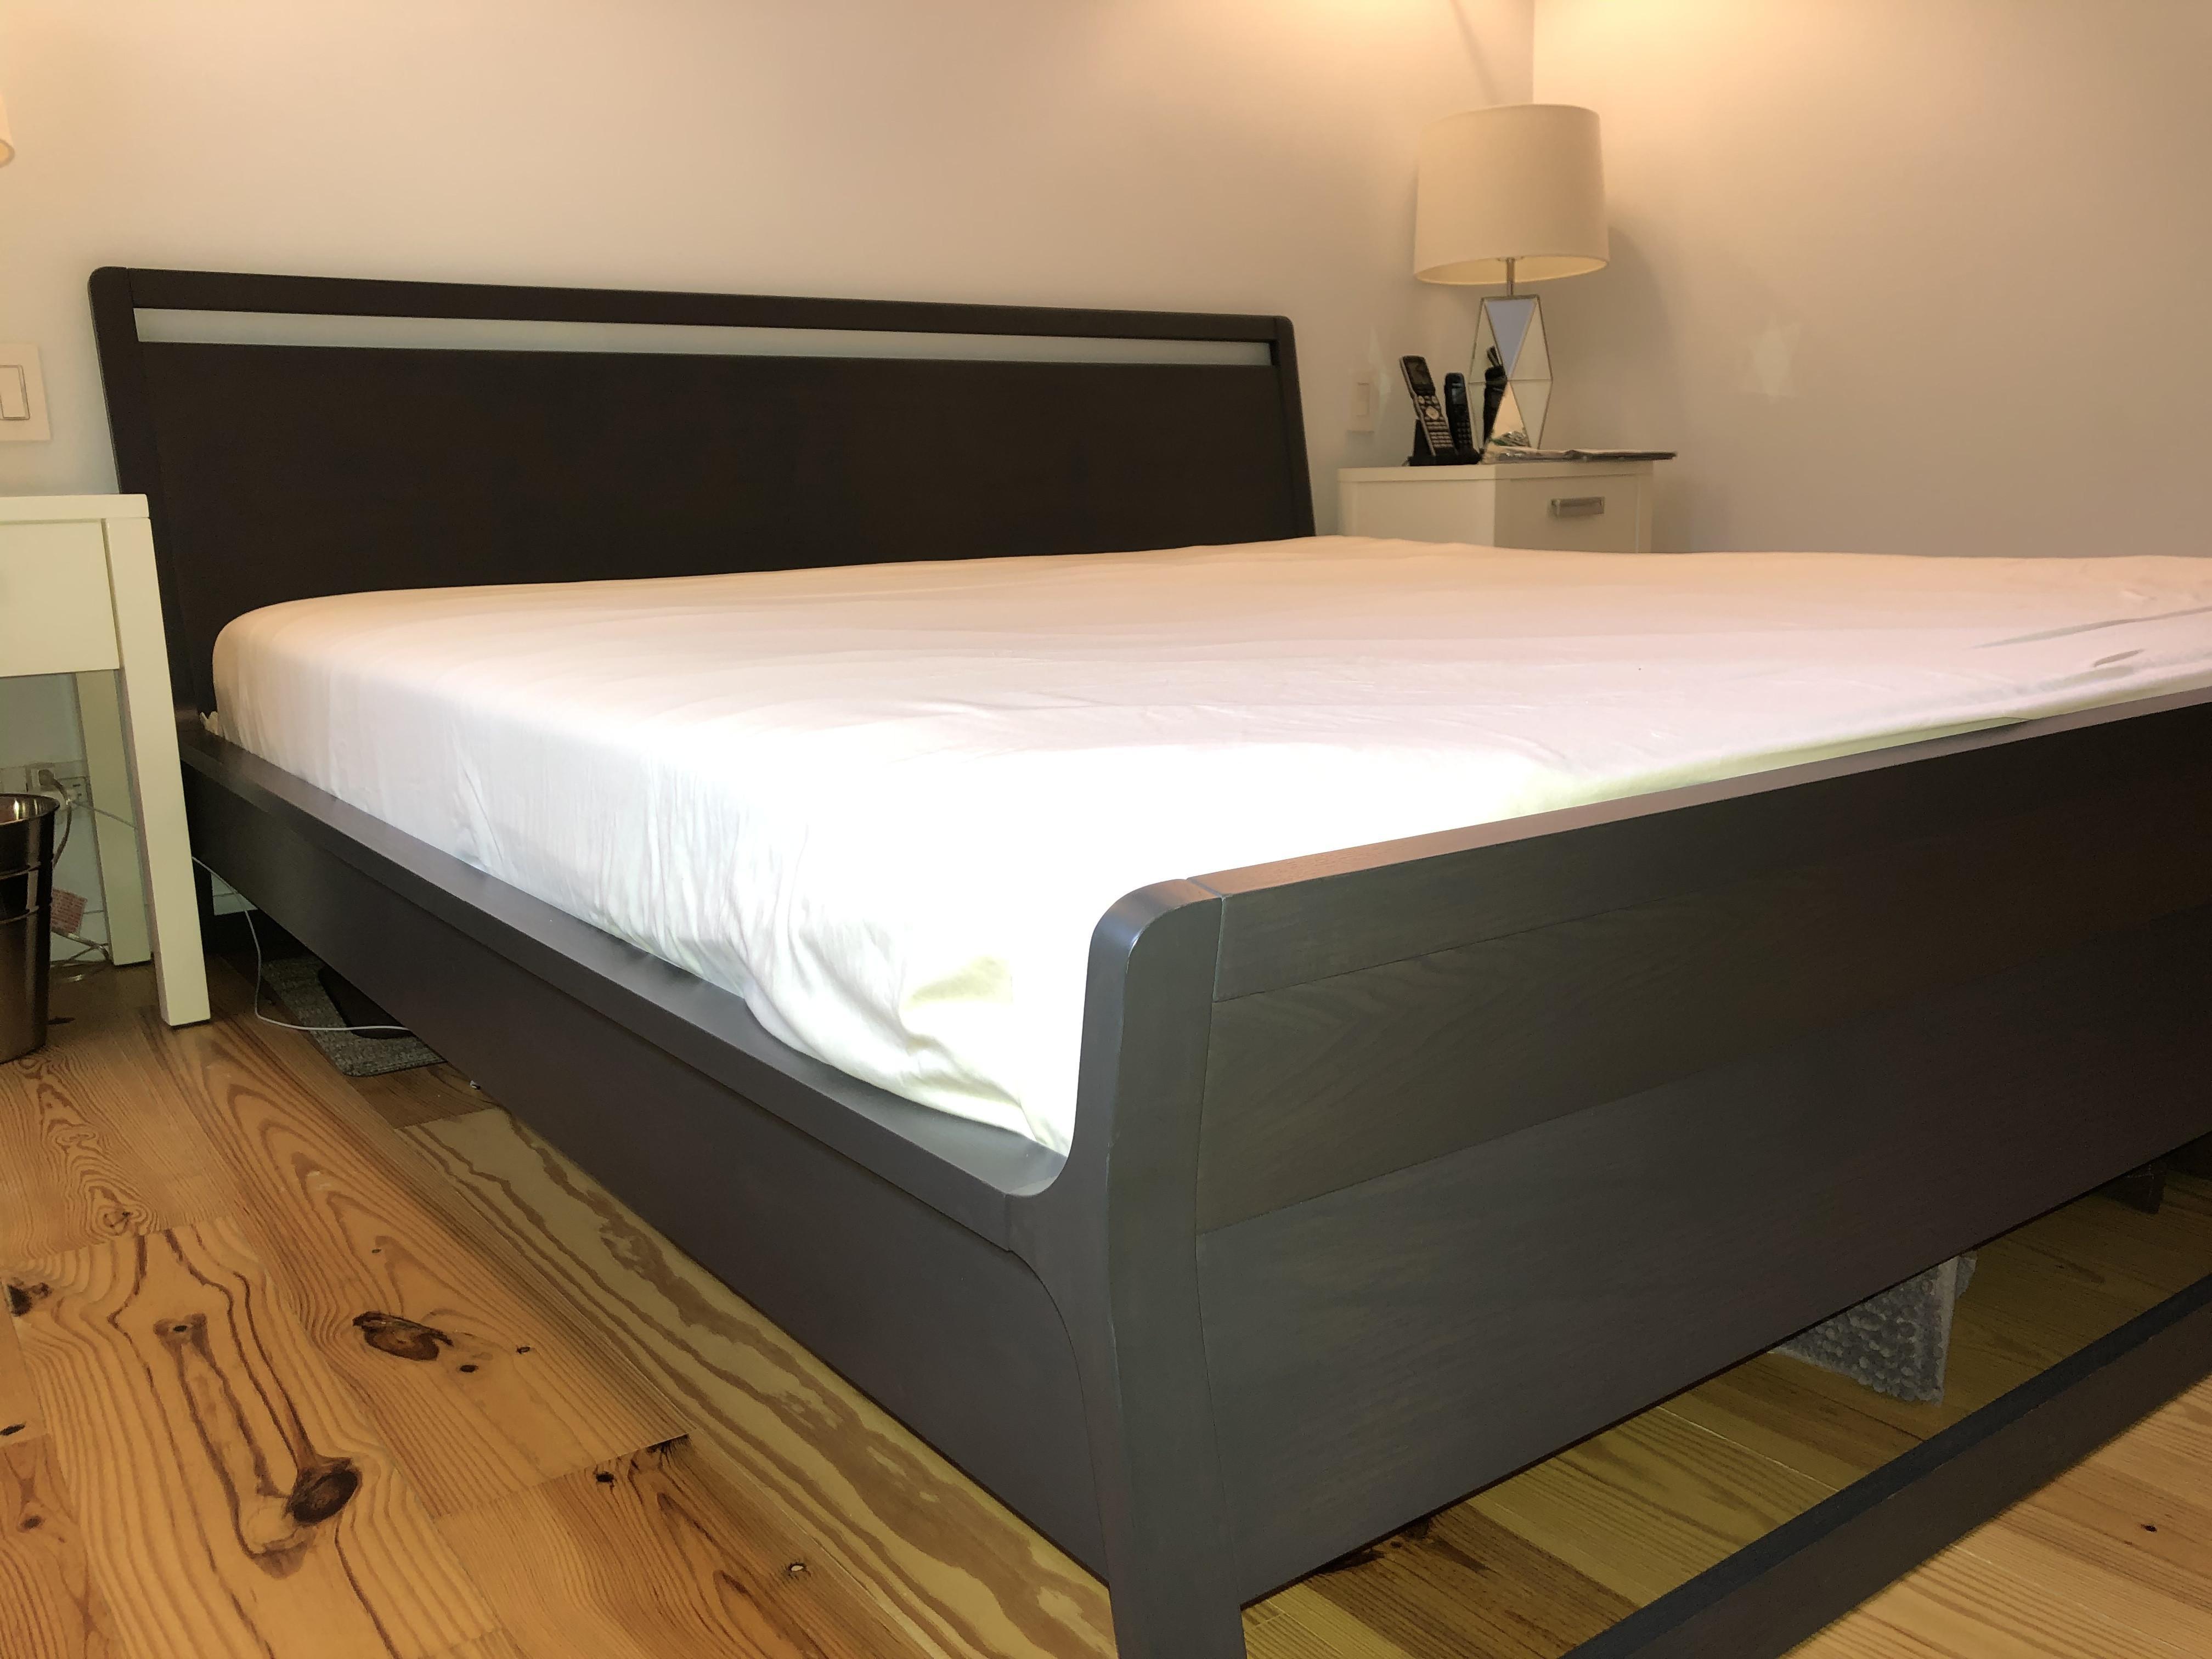 Blu Dot King Size Bed Frame